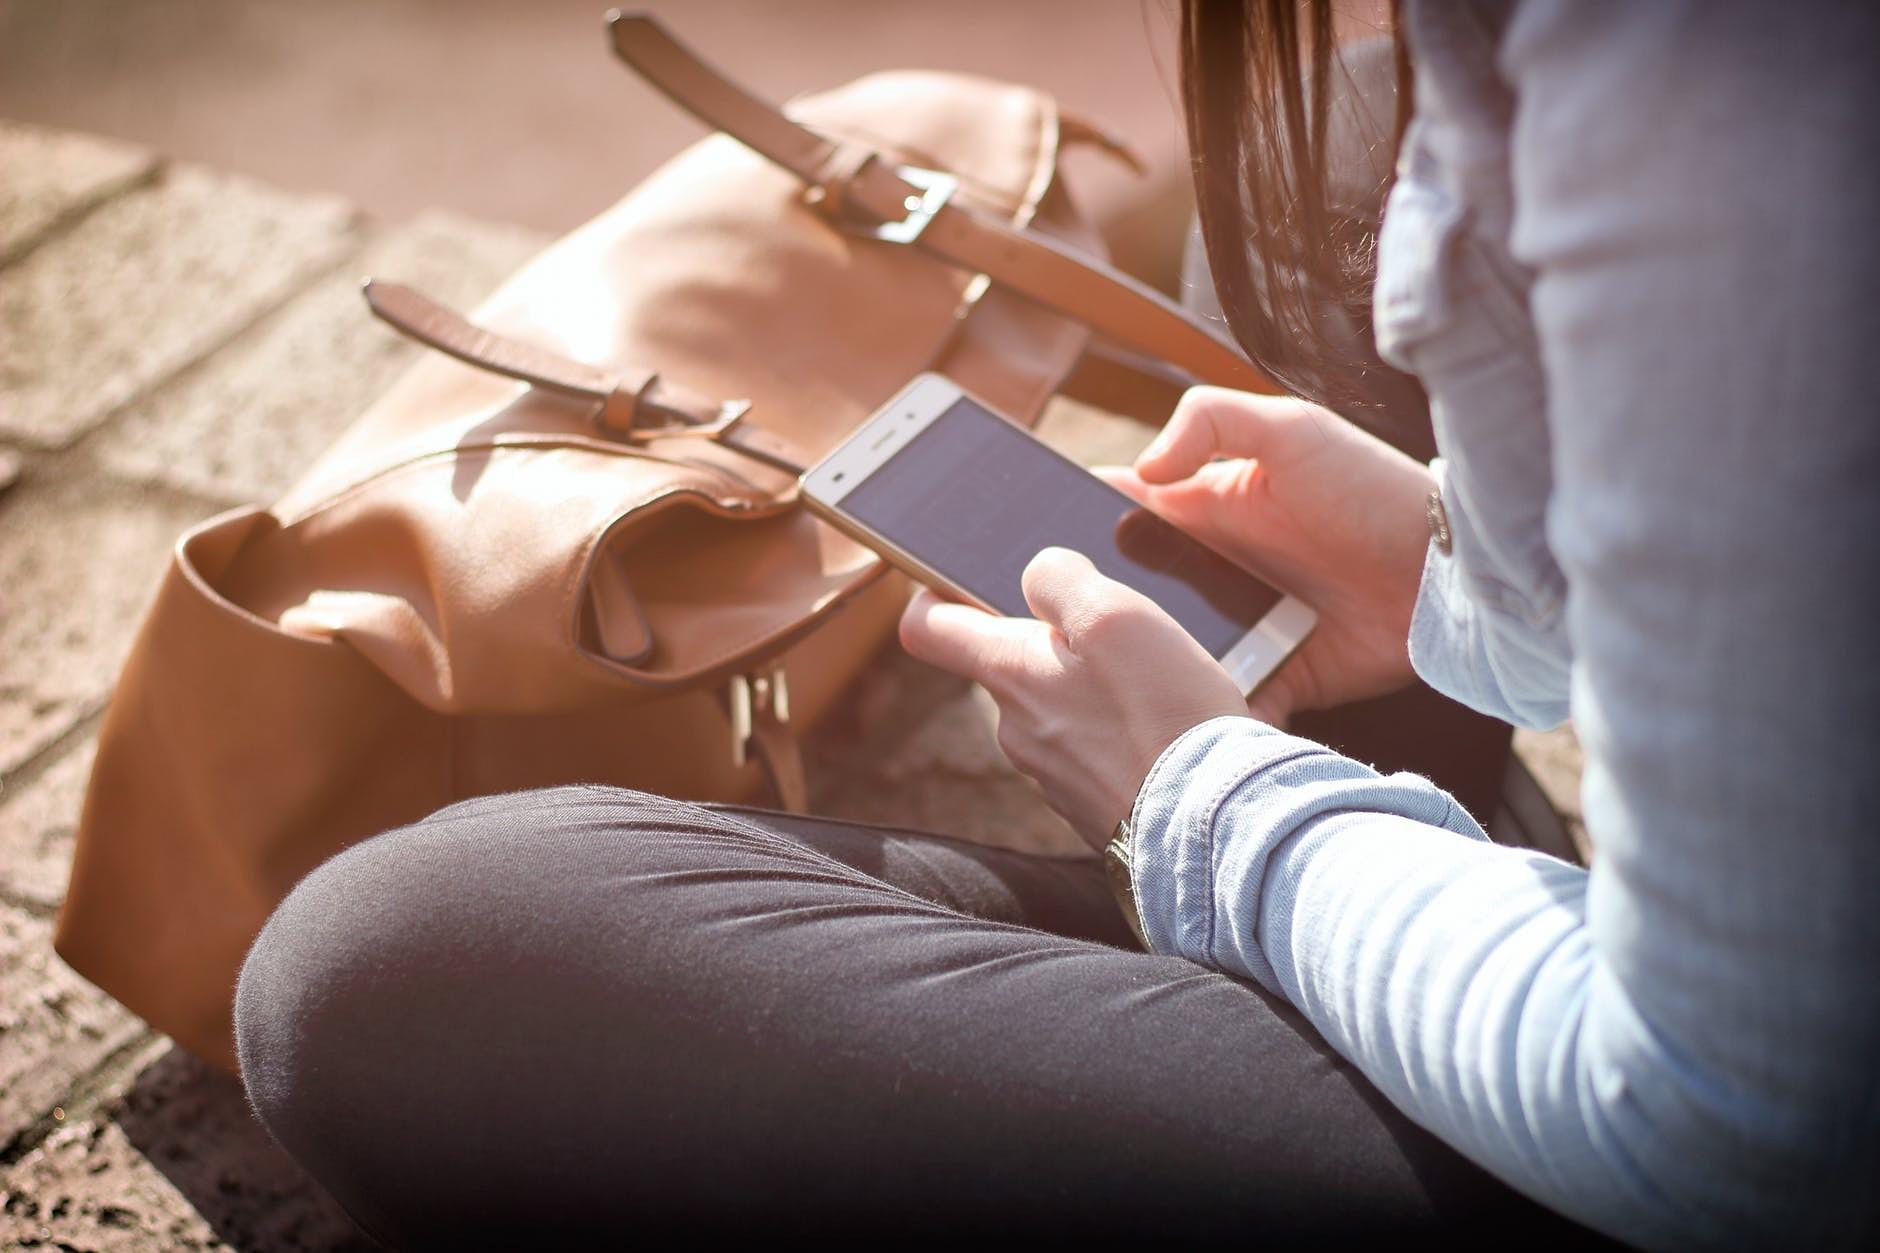 Liepājā notikušas divas zādzības – sievietes paliek bez telefona un rokassomiņas